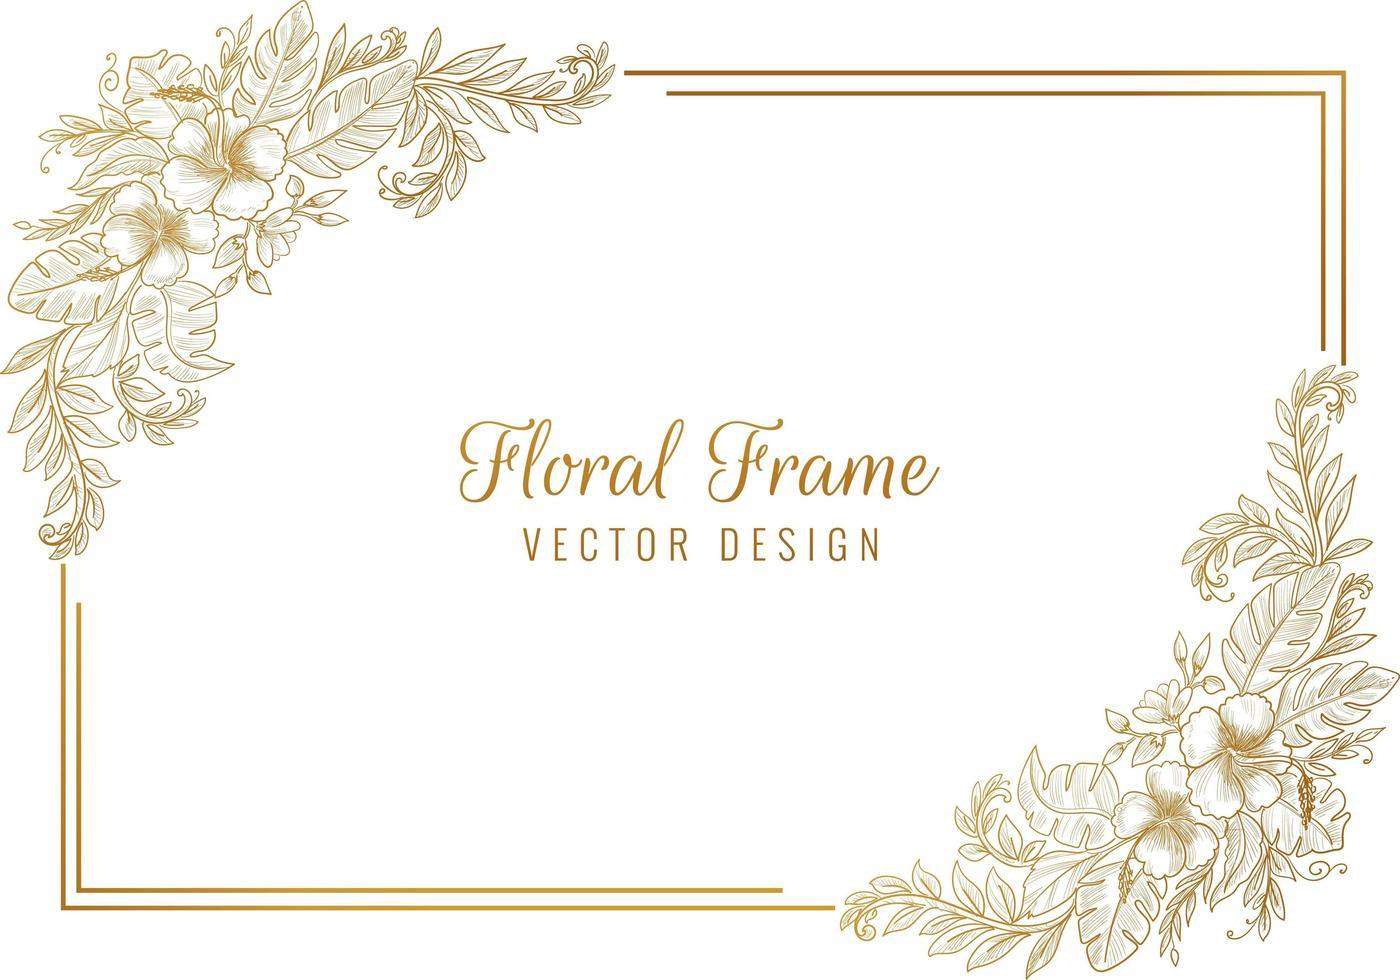 fond de cadre floral croquis artistique vecteur